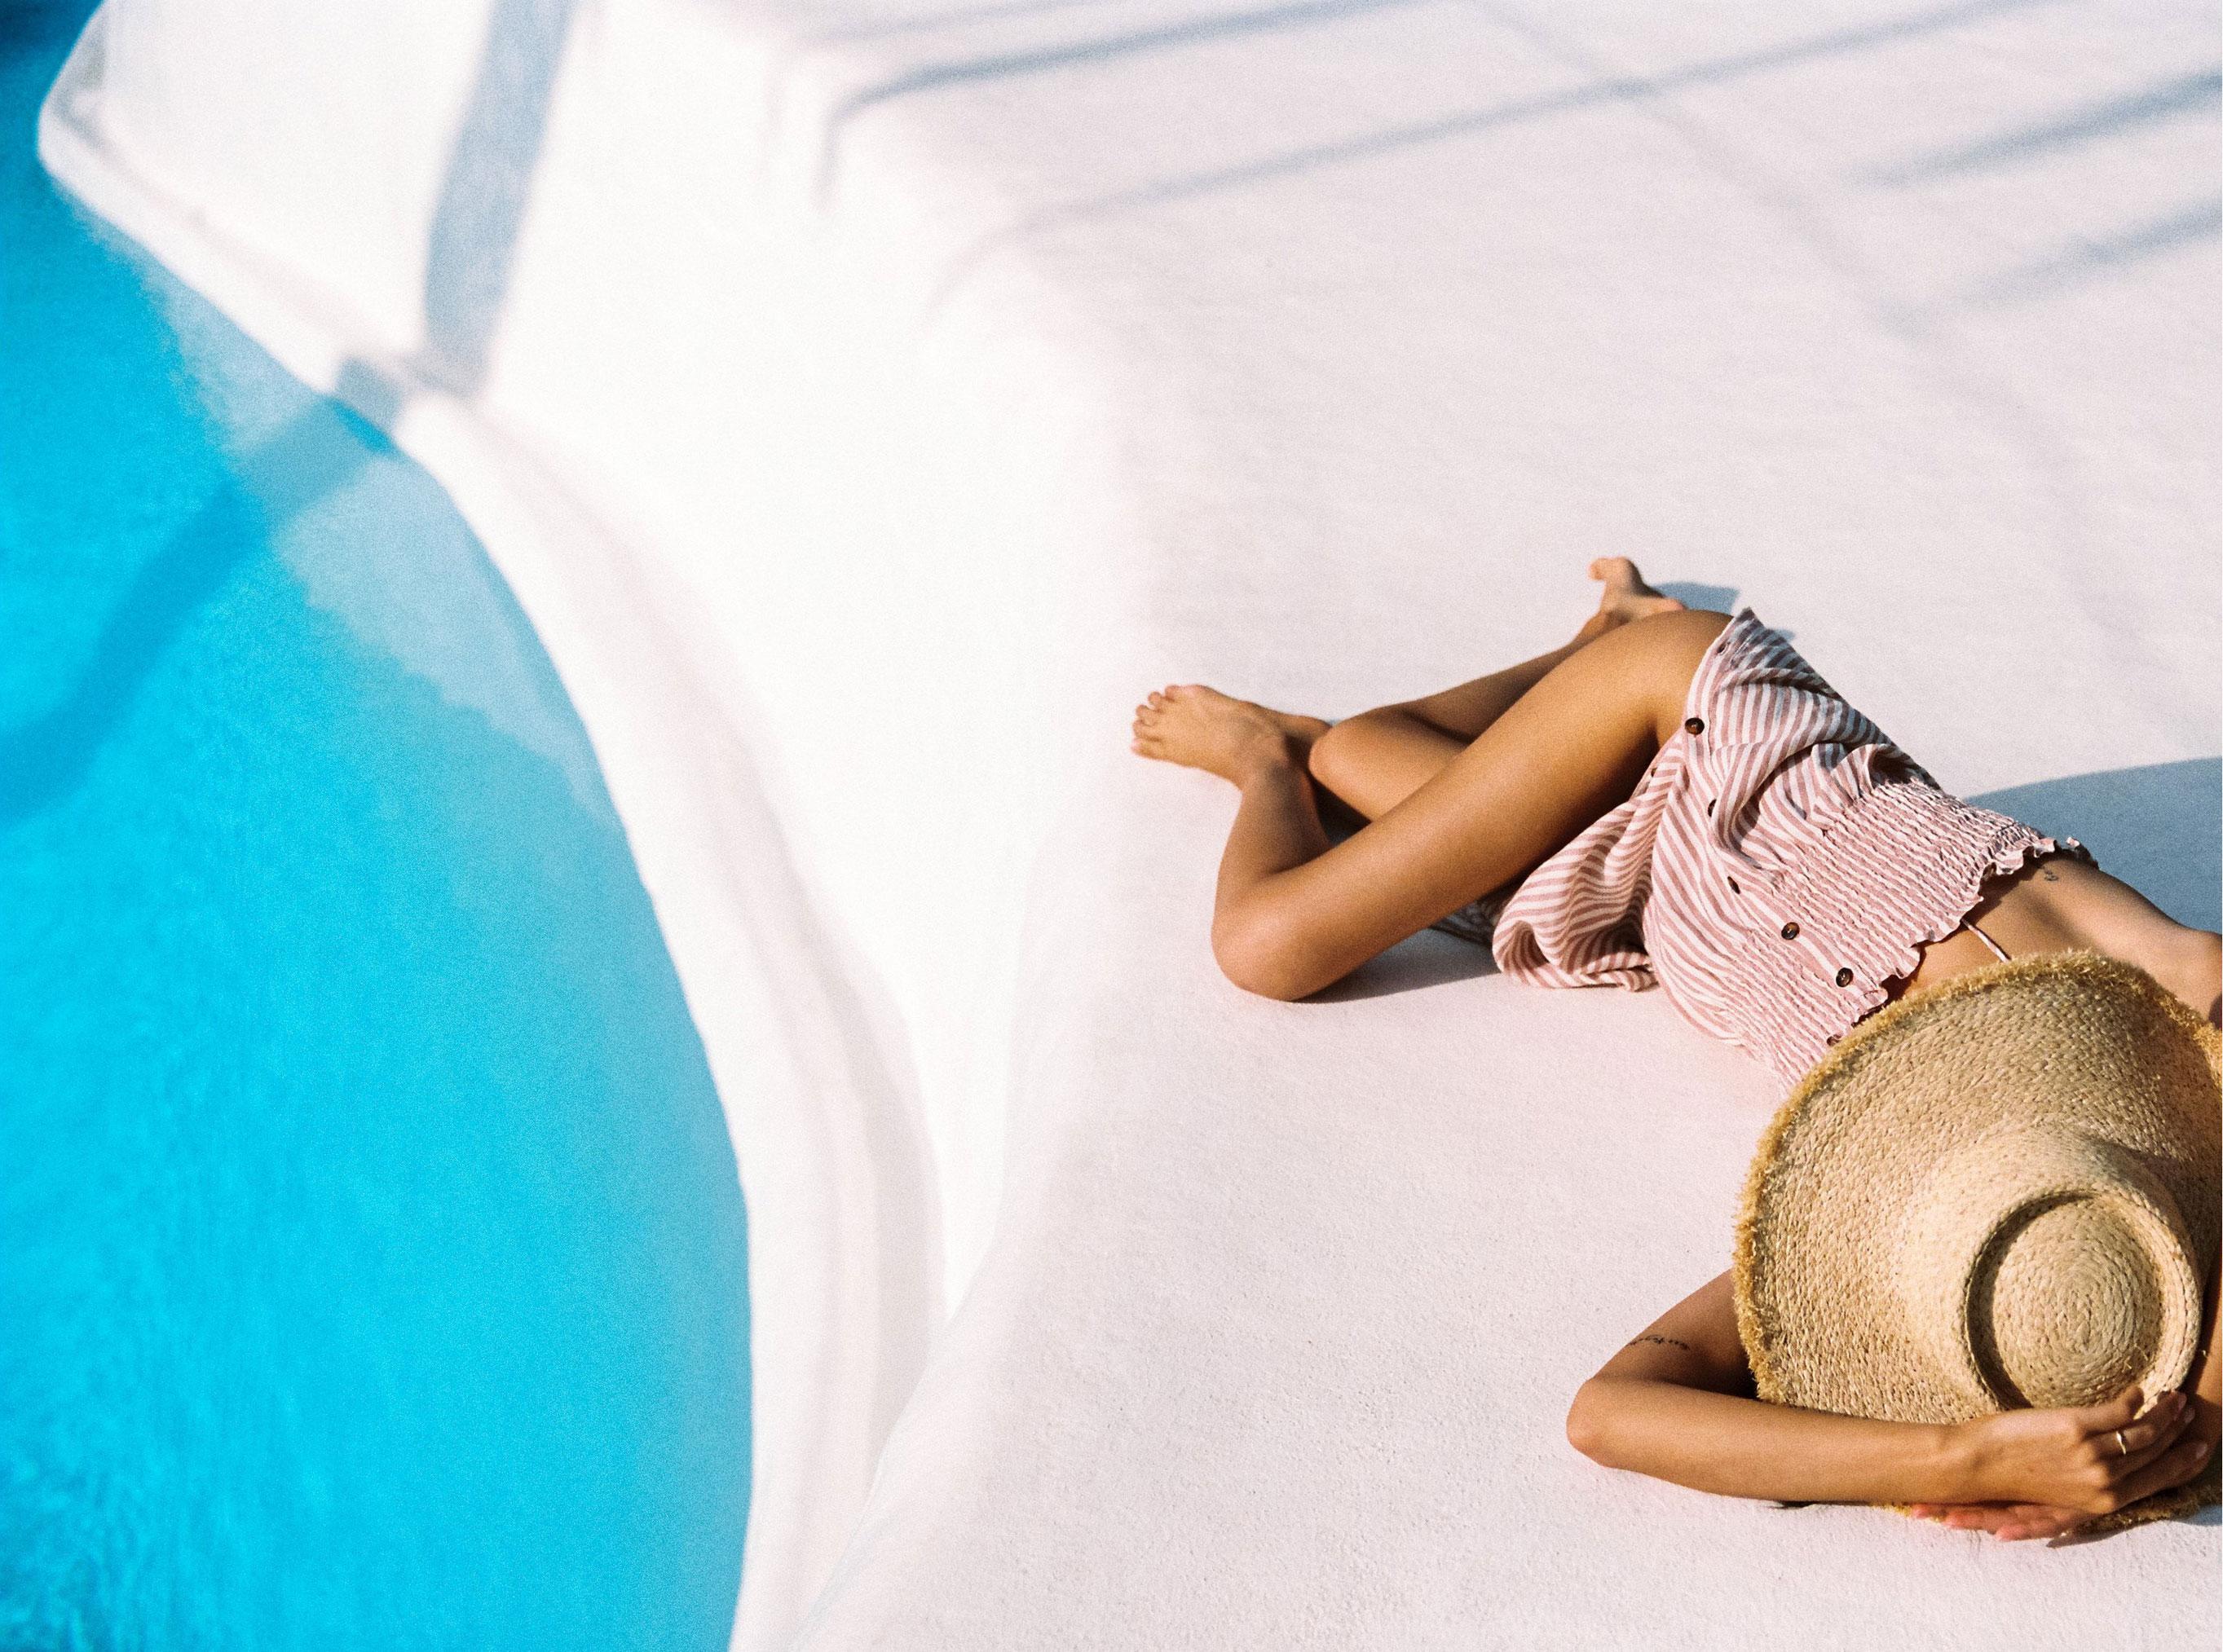 Коллекция купальников и пляжной одежды Faithfull the Brand, лето 2019 / фото 32